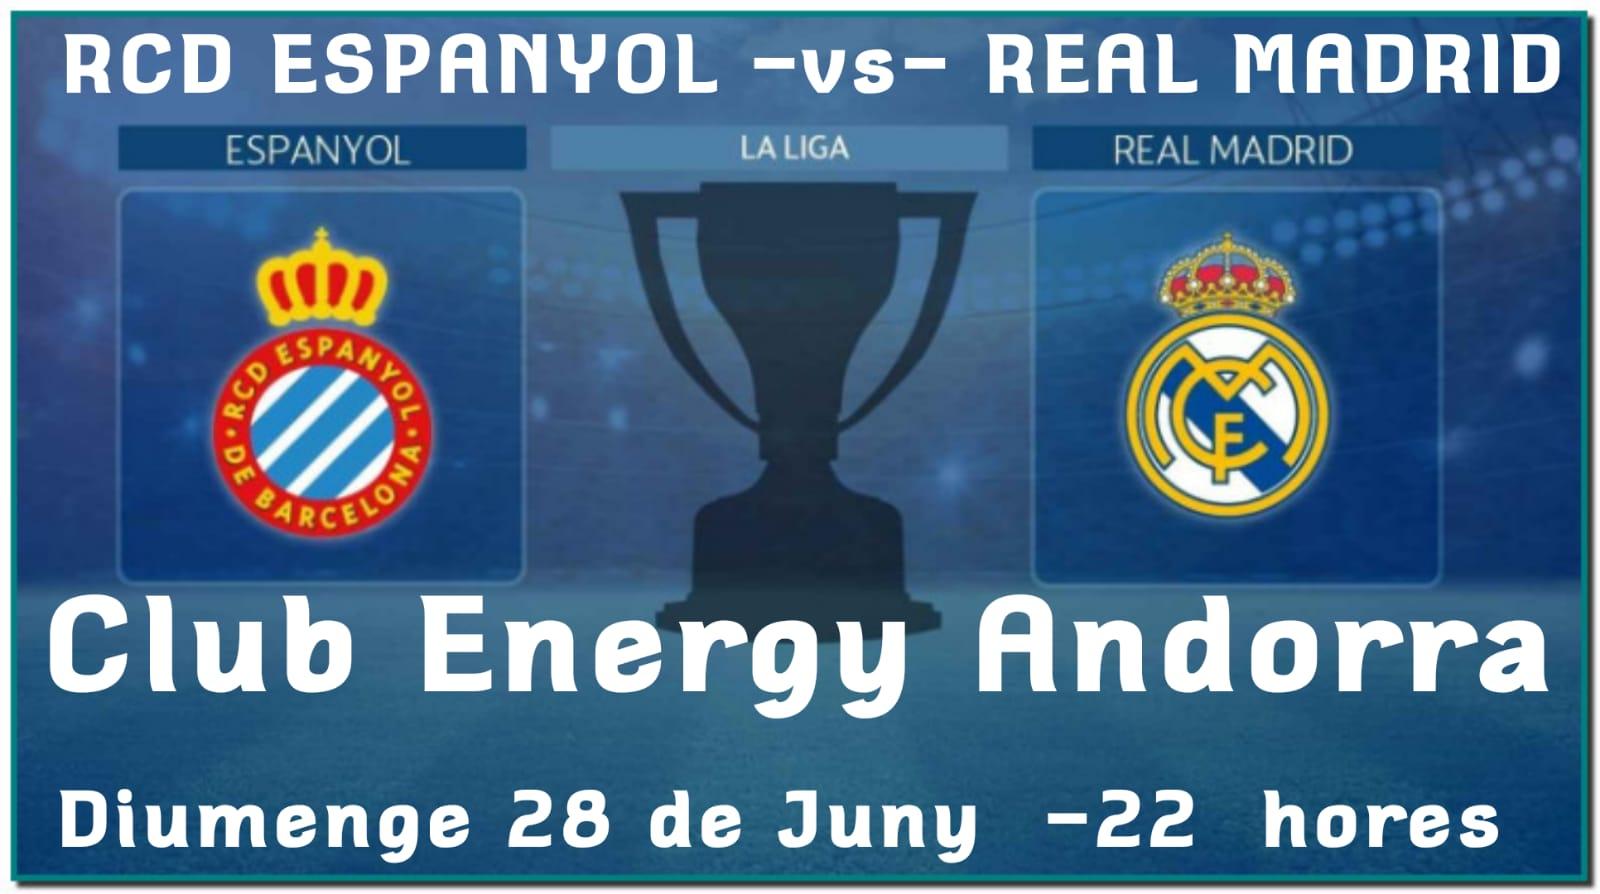 Diumenge partit RCD ESPANYOL -vs.- REAL MADRID a les 10 de la NIT. Reserva ara la teva taula i podràs veure el teu equip en pantalla gegant, t'esperem. CLUB ENERGY ANDORRA.